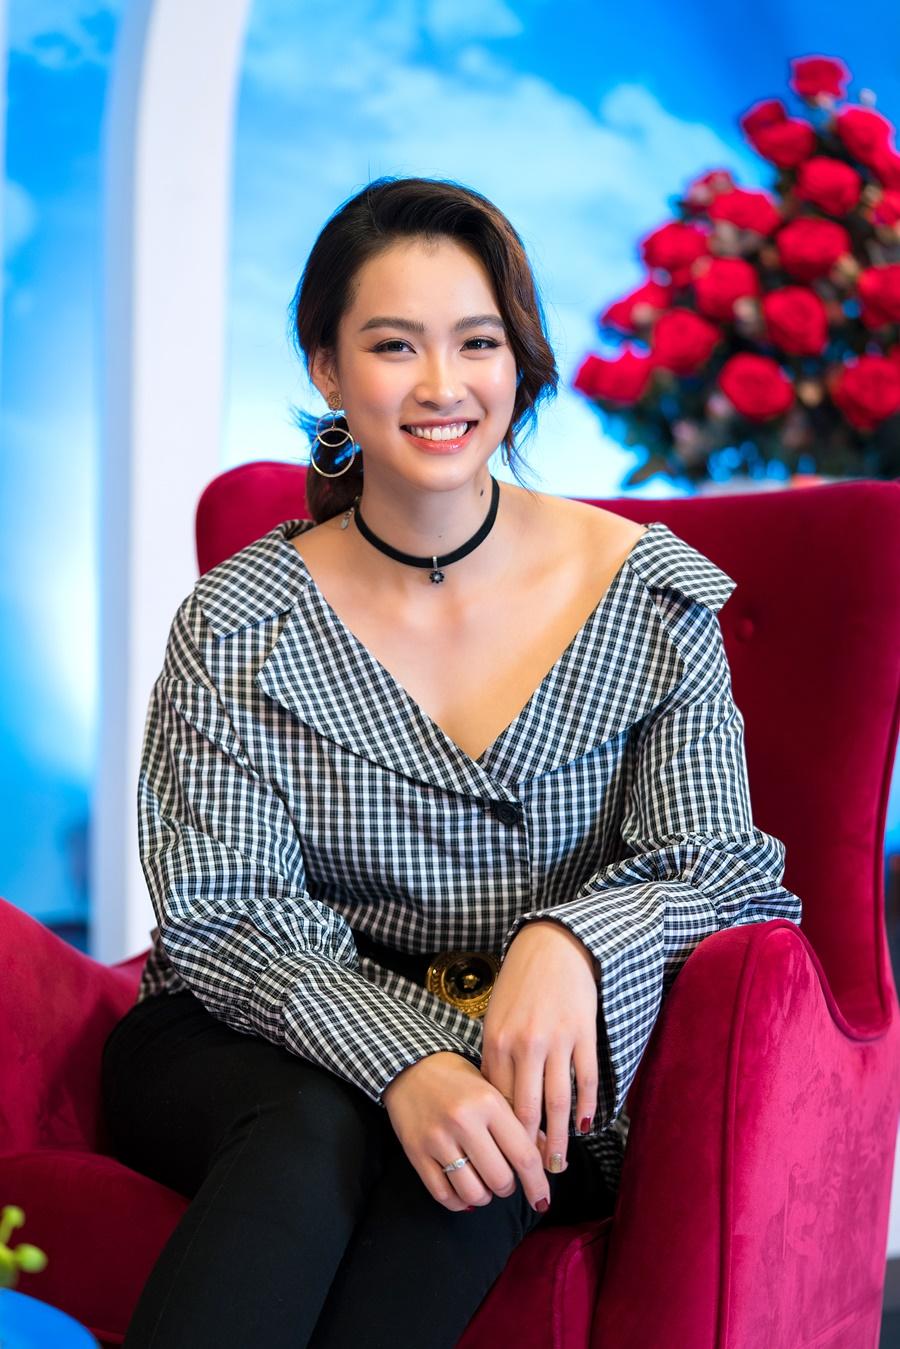 Bị loại khỏi Hoa hậu Việt Nam 2012 vì gian dối, siêu mẫu Vương Thu Phương giờ ra sao? - 6